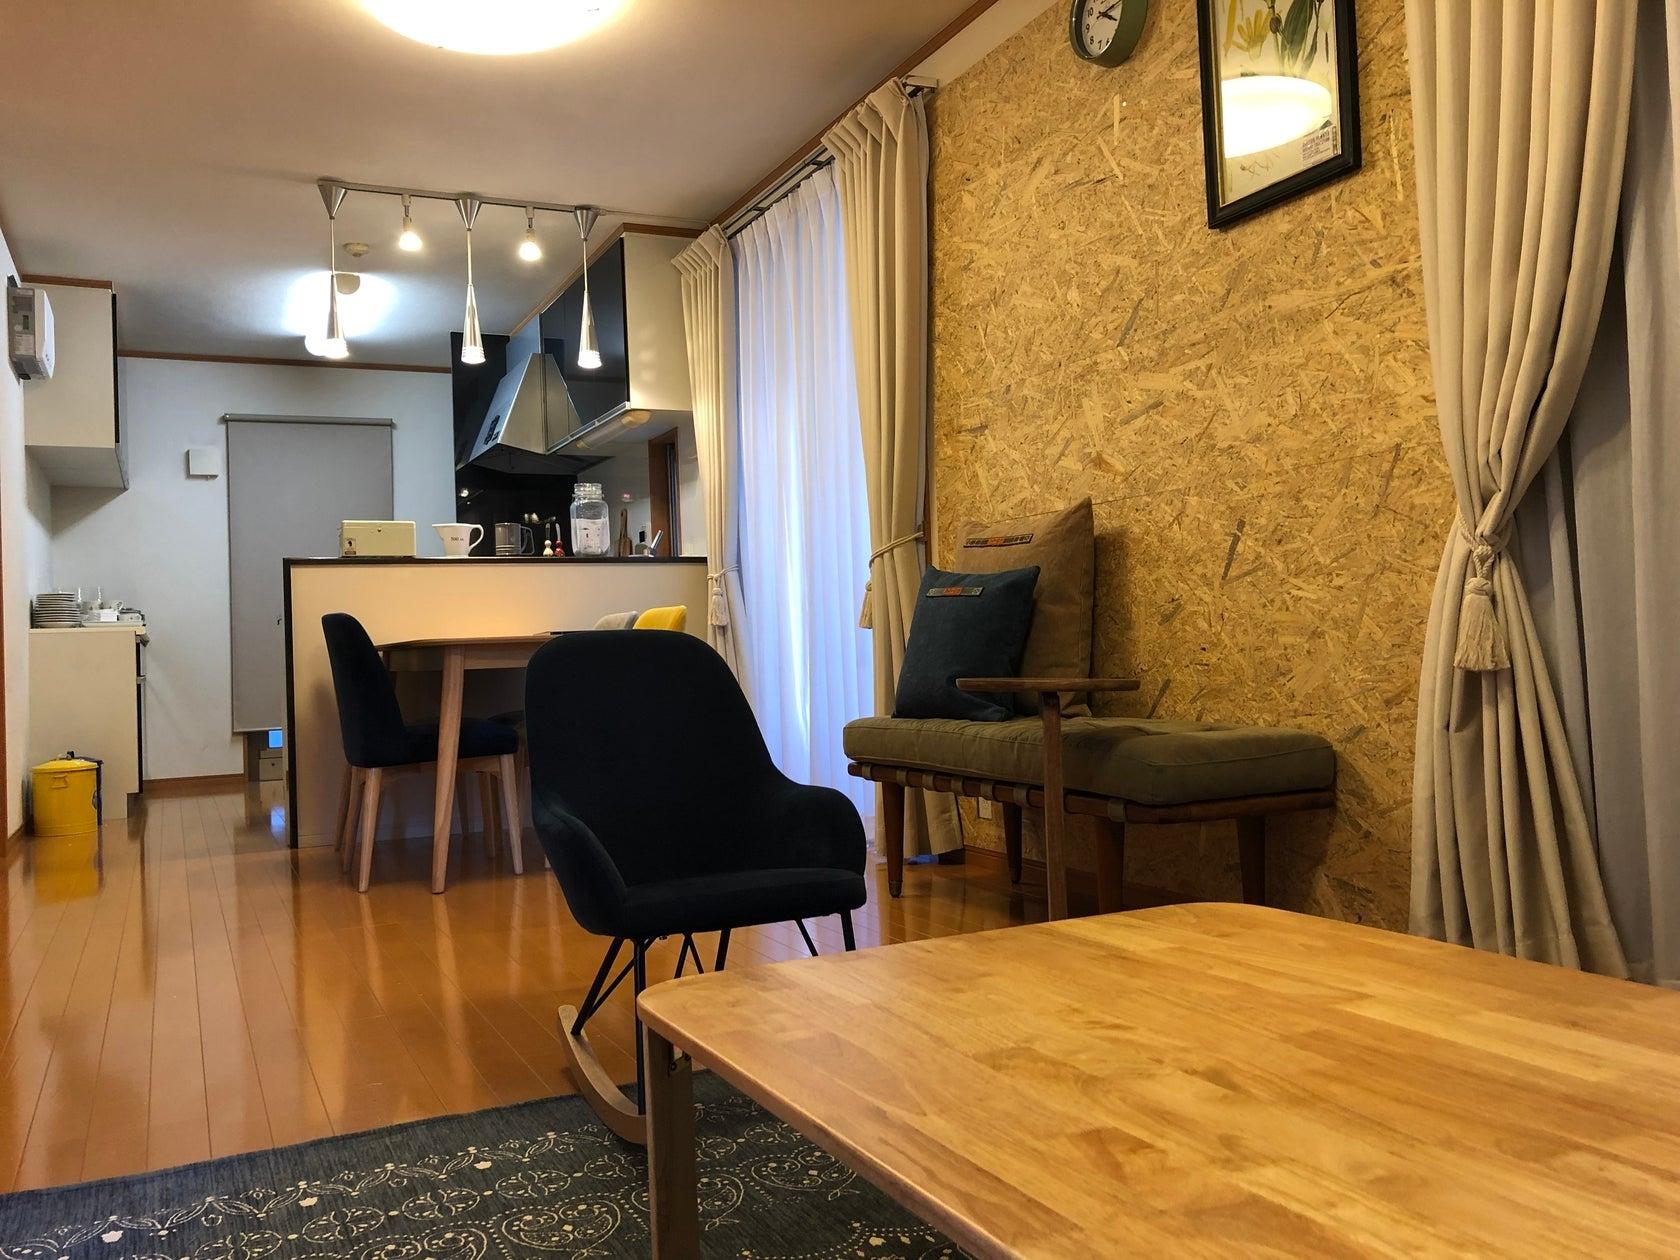 【小平駅徒歩10分】DULTONとコラボした独自な食器や家具のあるお部屋です。広いリビングから屋根裏までご自由にお使いください!